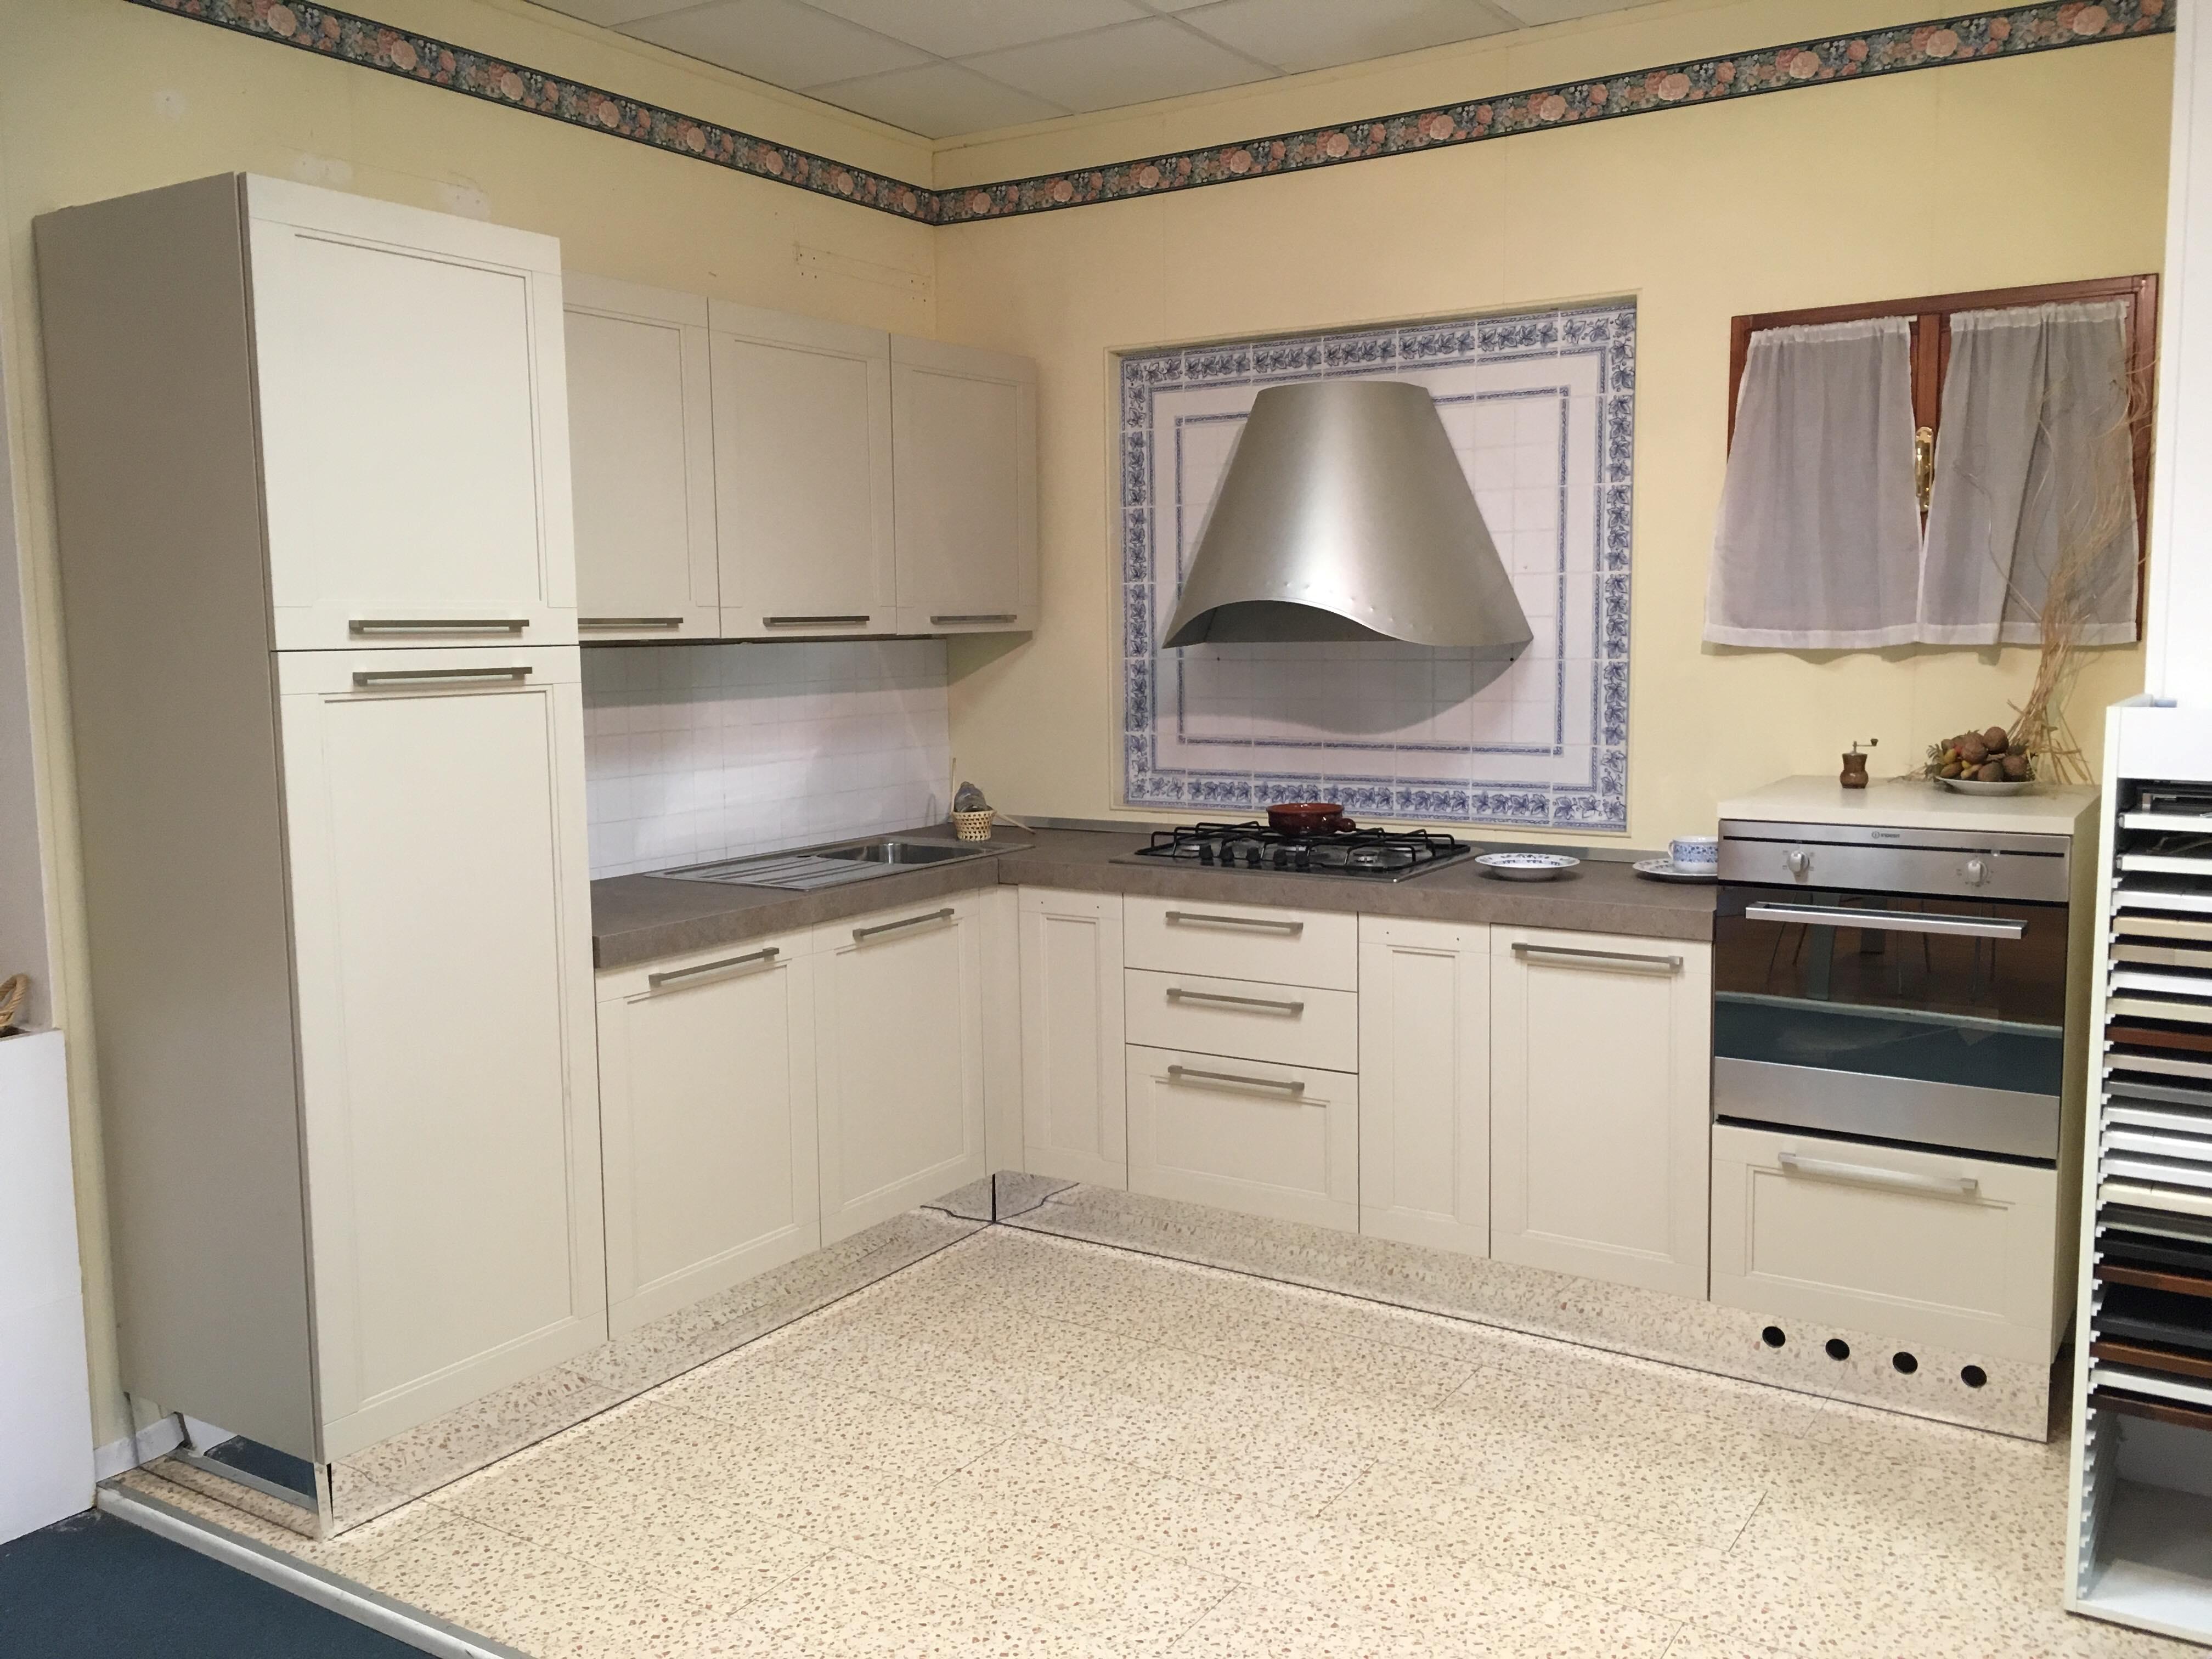 cucina ad angolo astra cucine in offerta misura 240x285cm